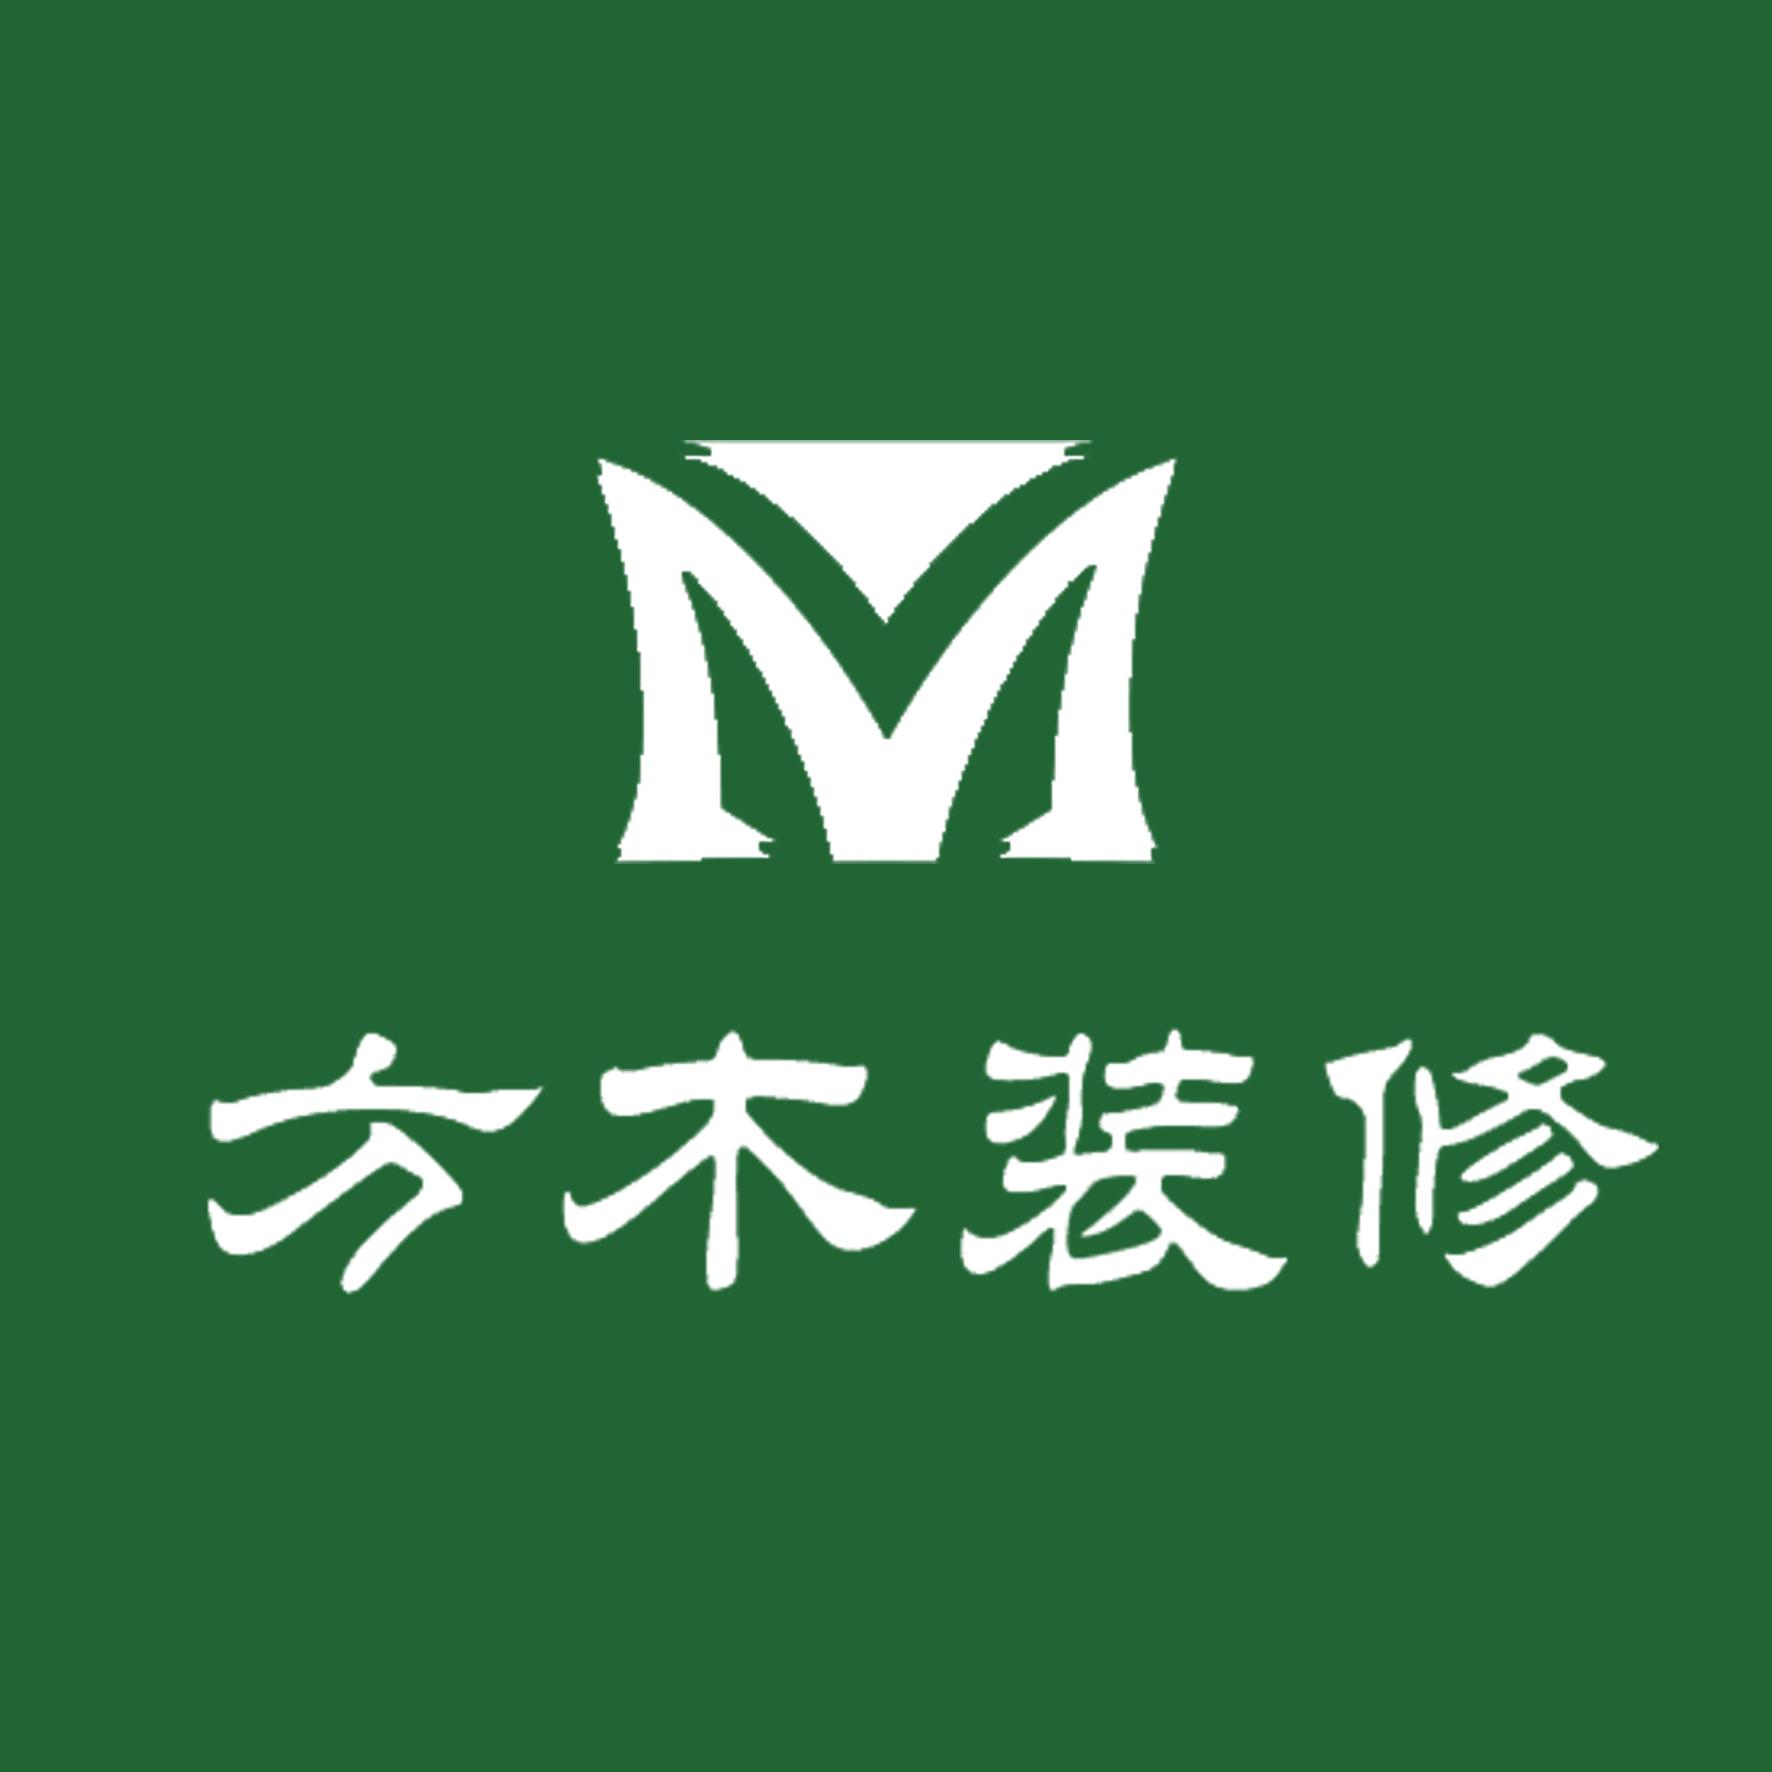 南京方木装饰设计有限公司